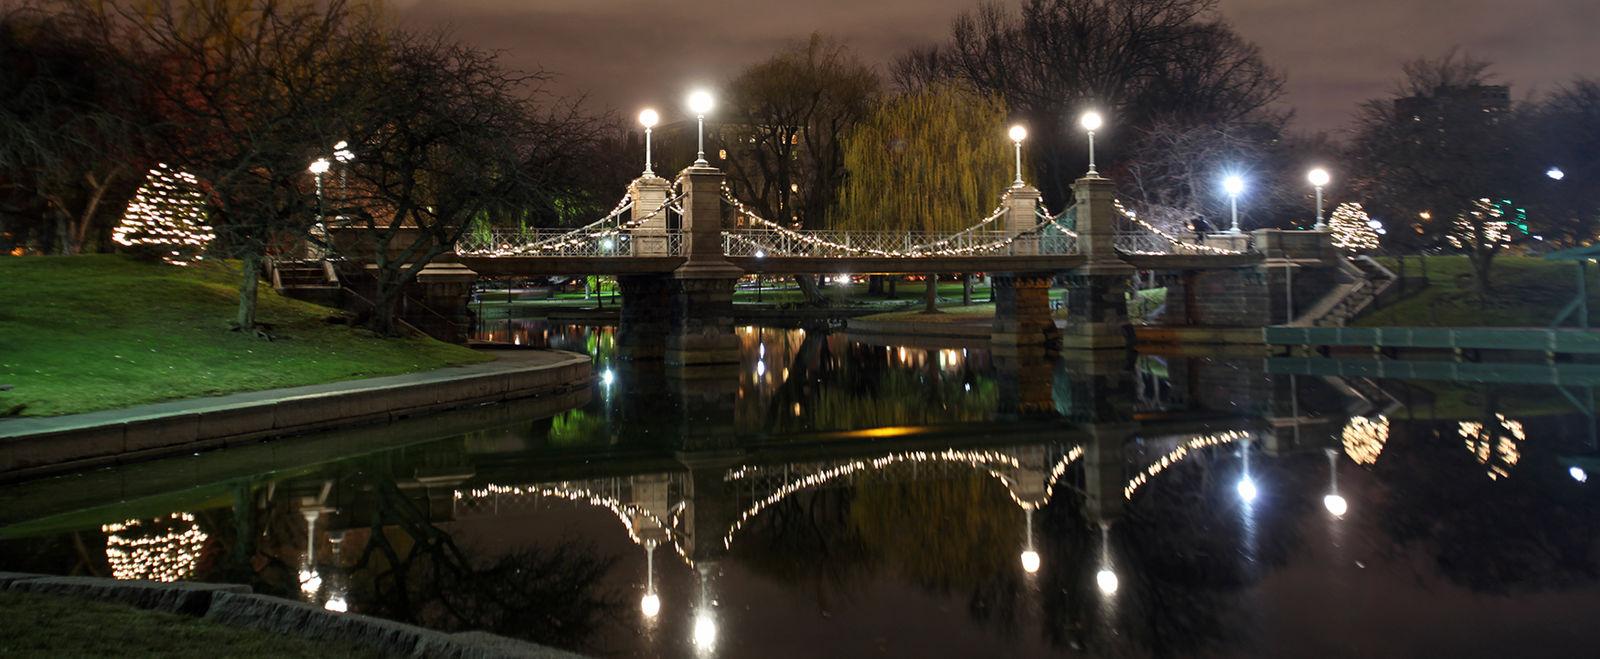 Boston Commons Bridge